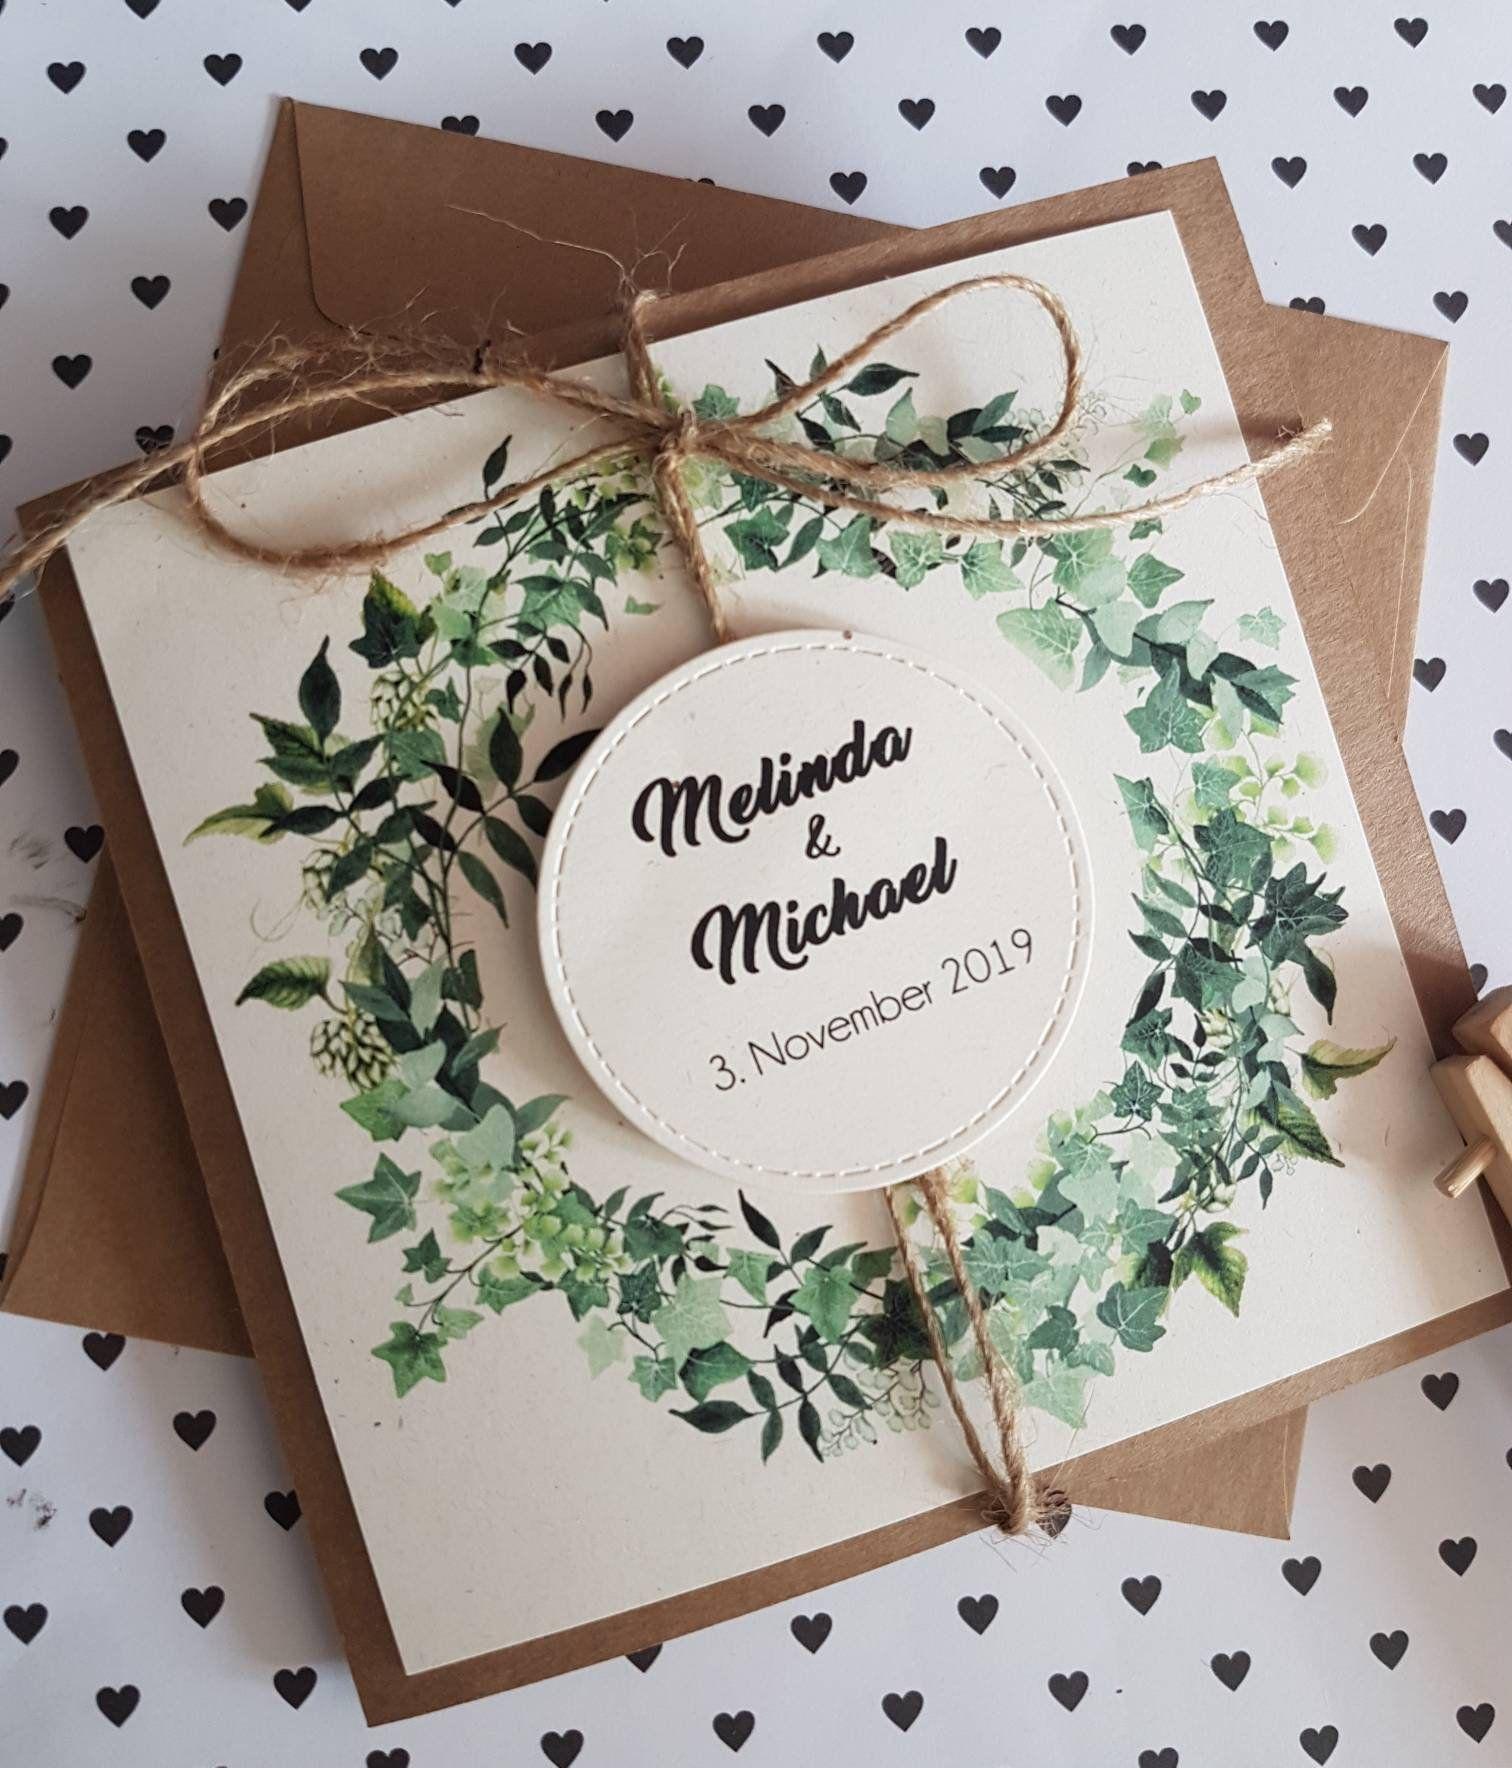 10x invitaciones de boda, hojas de plantas, vintage, invitación de boda, corona floral de bautizo kraft yute boho con estampado